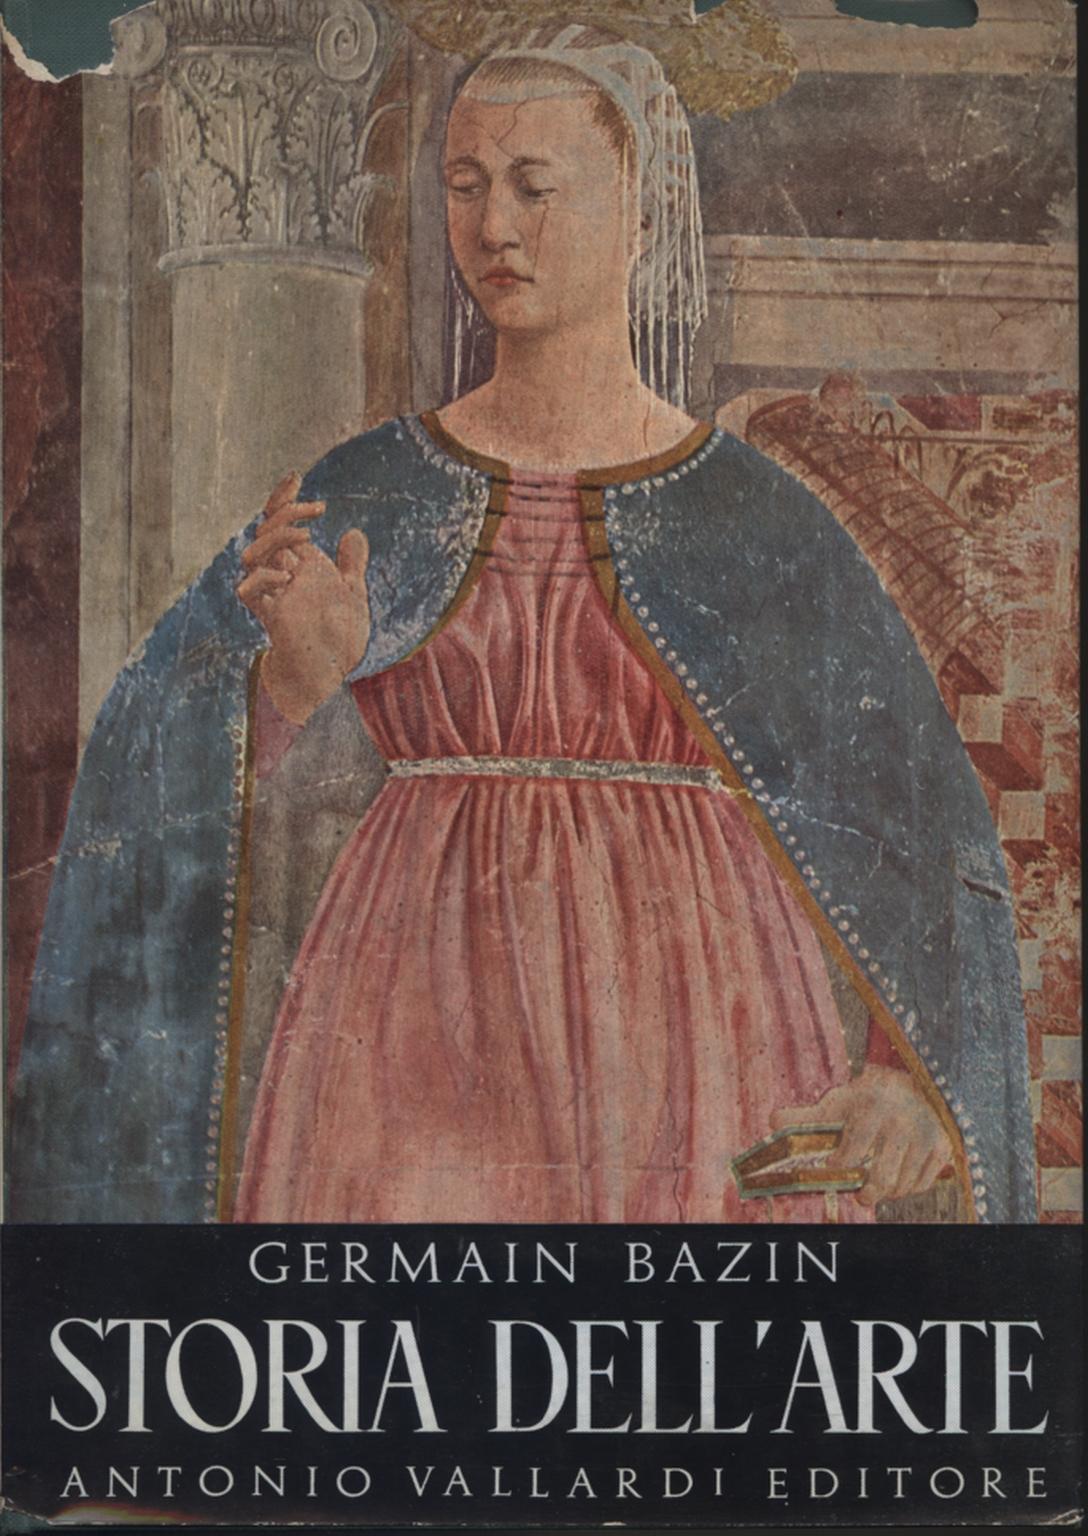 Storia dell 39 arte germain bazin storia e critica d 39 arte for Adorno storia dell arte